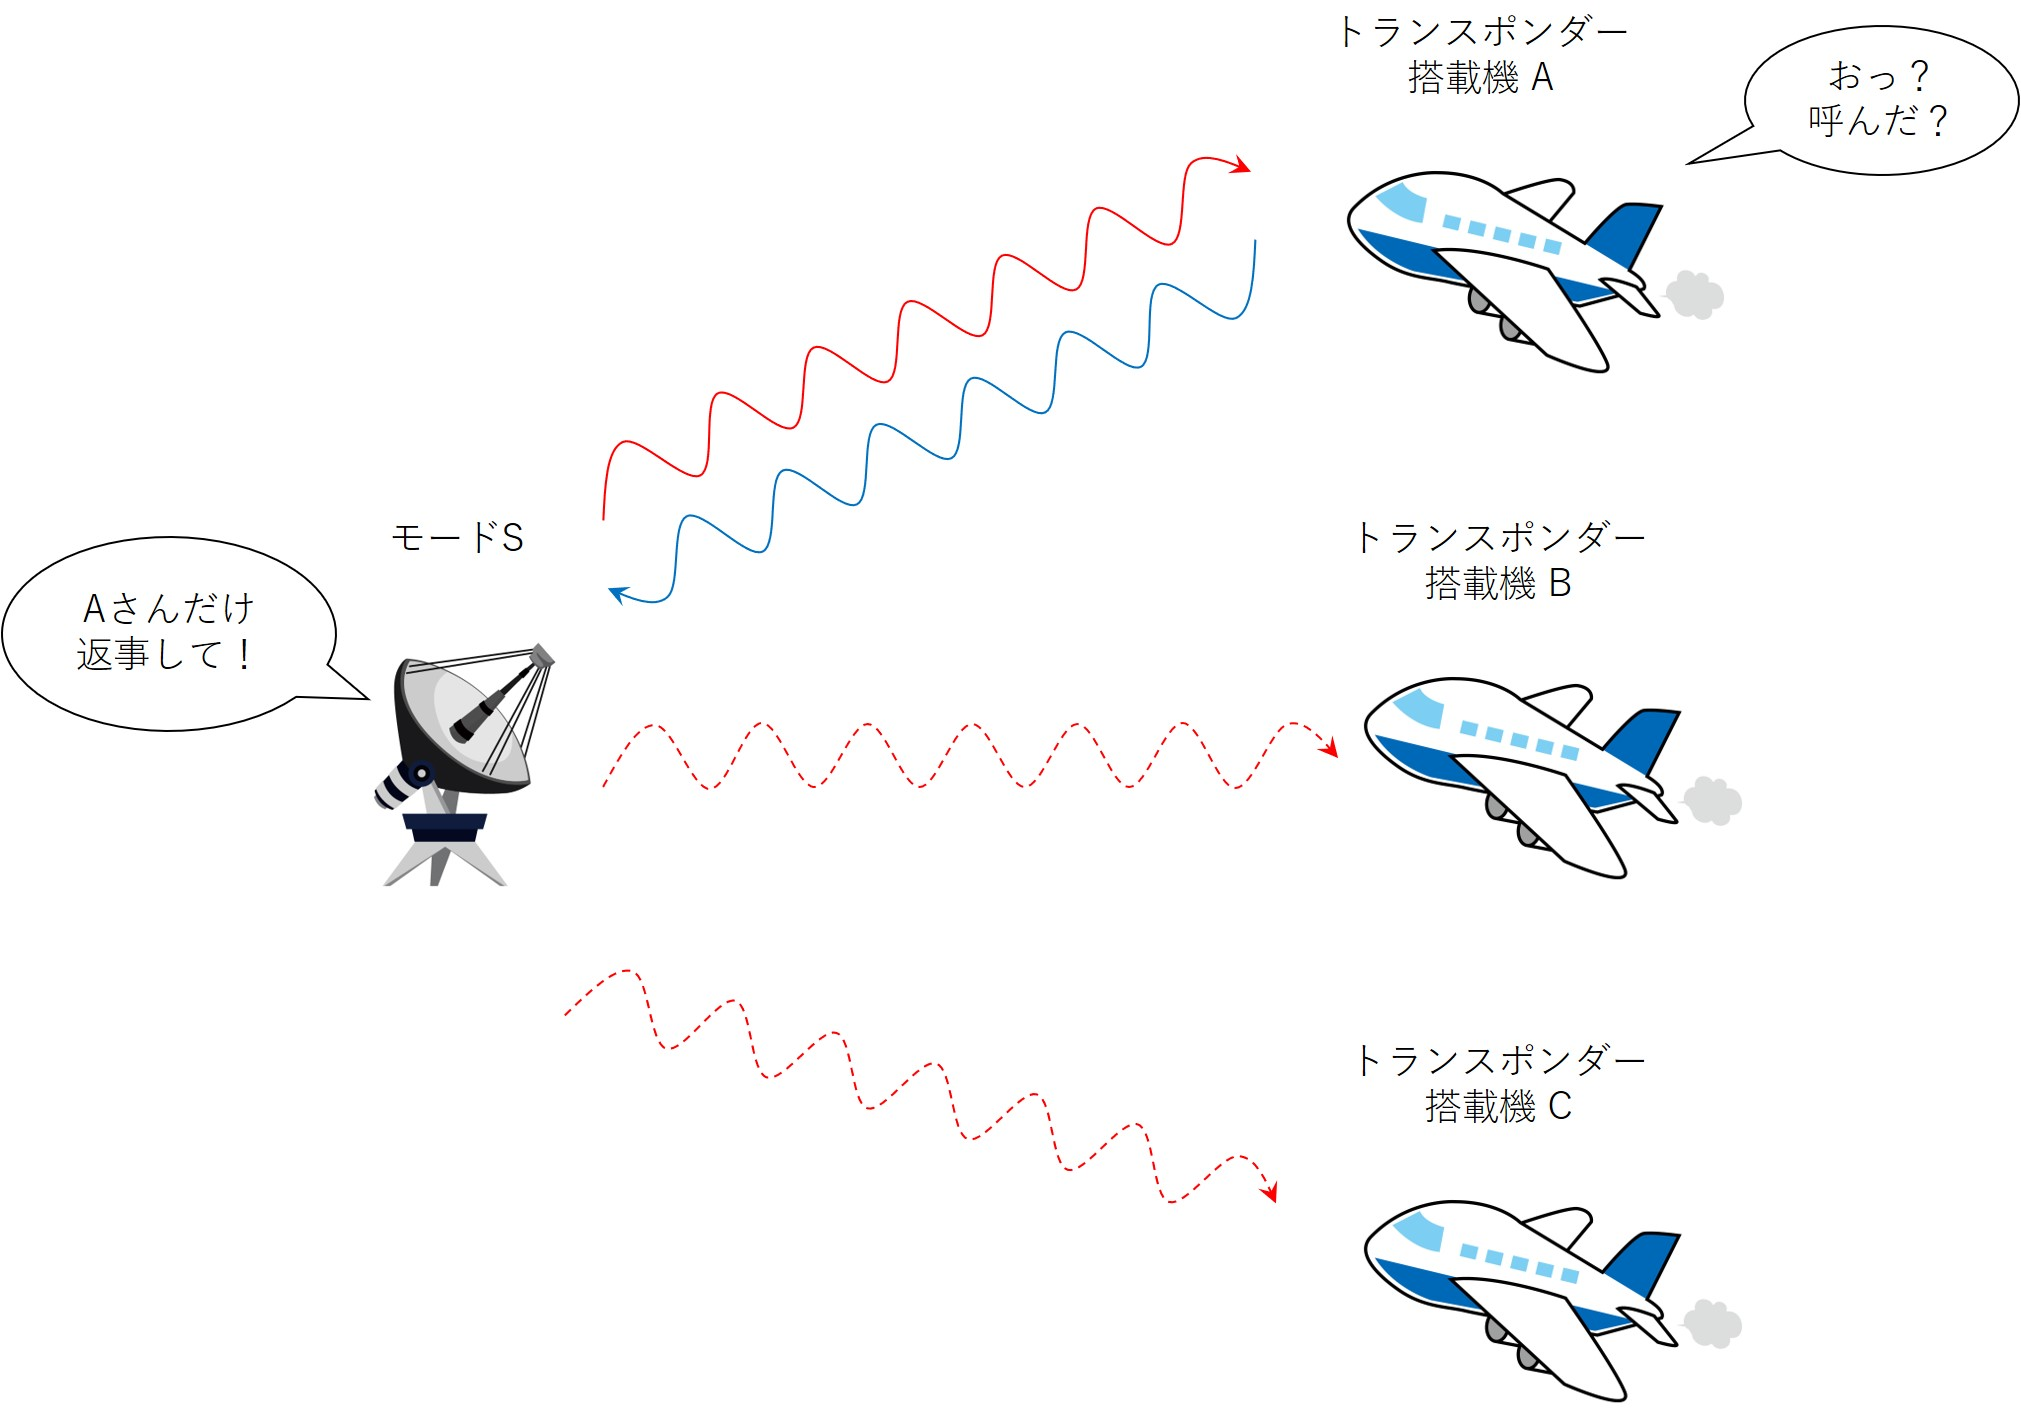 モードS機能のイメージ